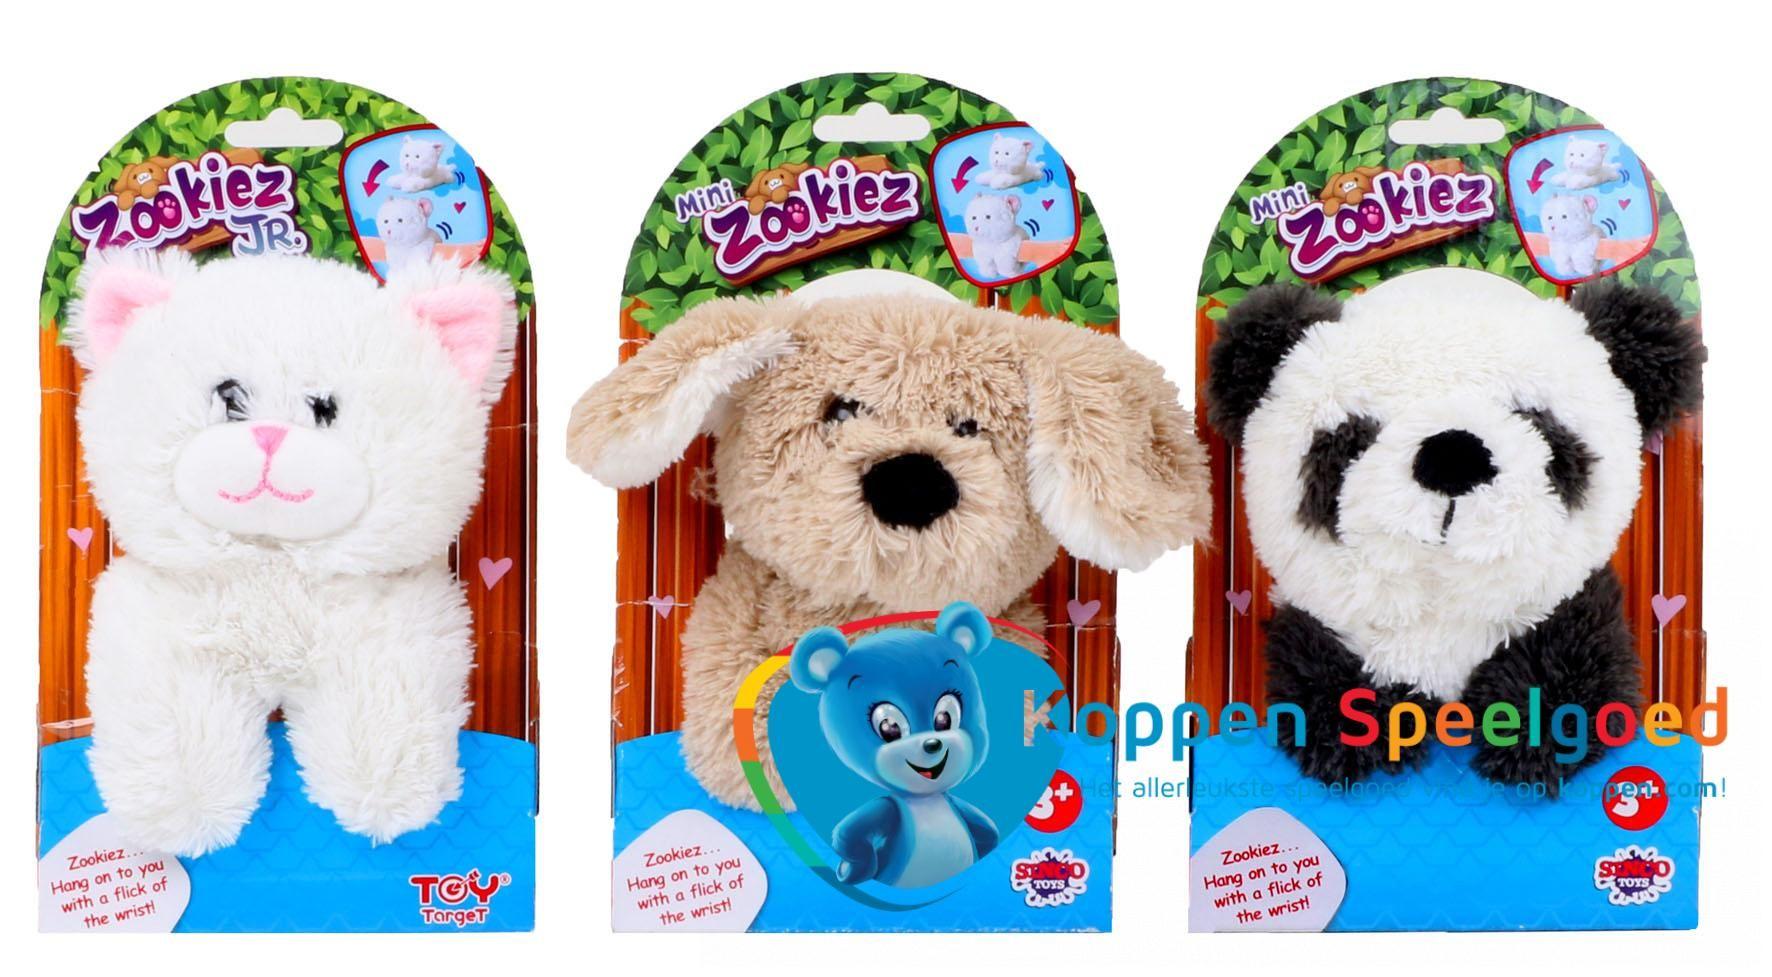 be29cbacc8d253 Zookiez klaparmband knuffel Hallo, wij zijn de Zookies! Zookies zijn hele  lieve vriendjes die het liefst de hele dag door jou worden geknuffeld.